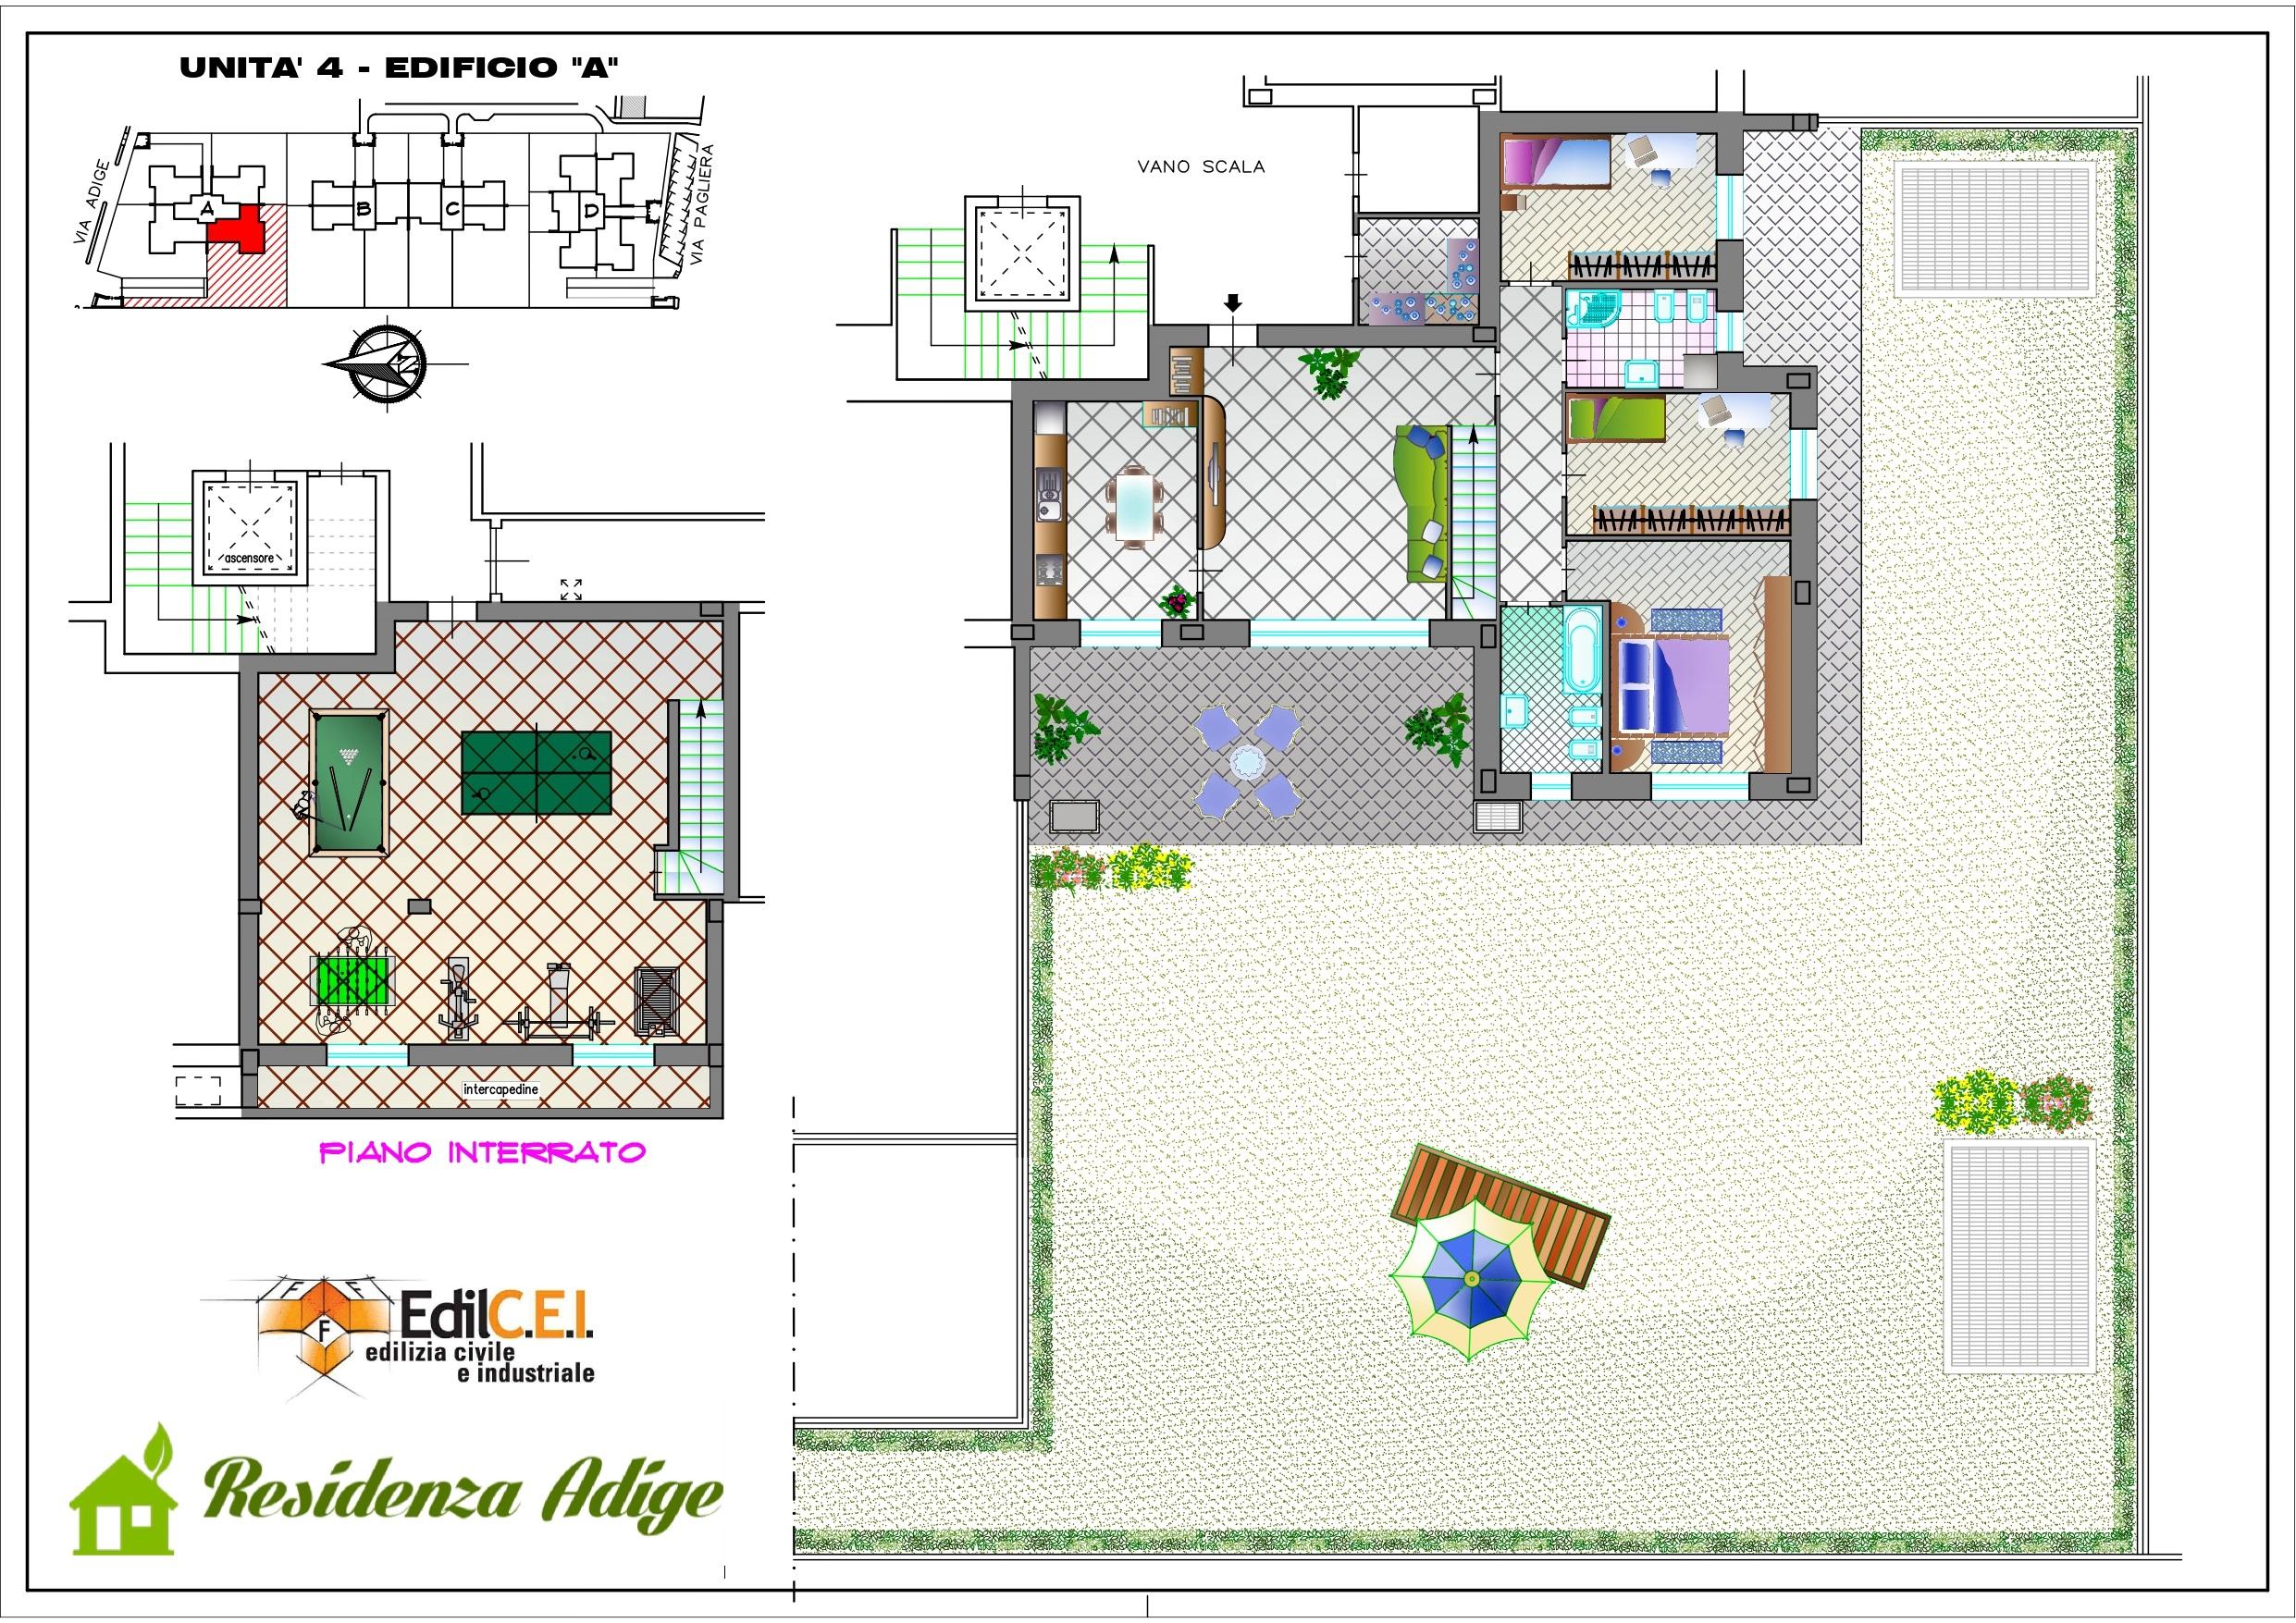 Lainate Pagliera nuova costruzione si prenotano quadrilocale con taverna e giardino